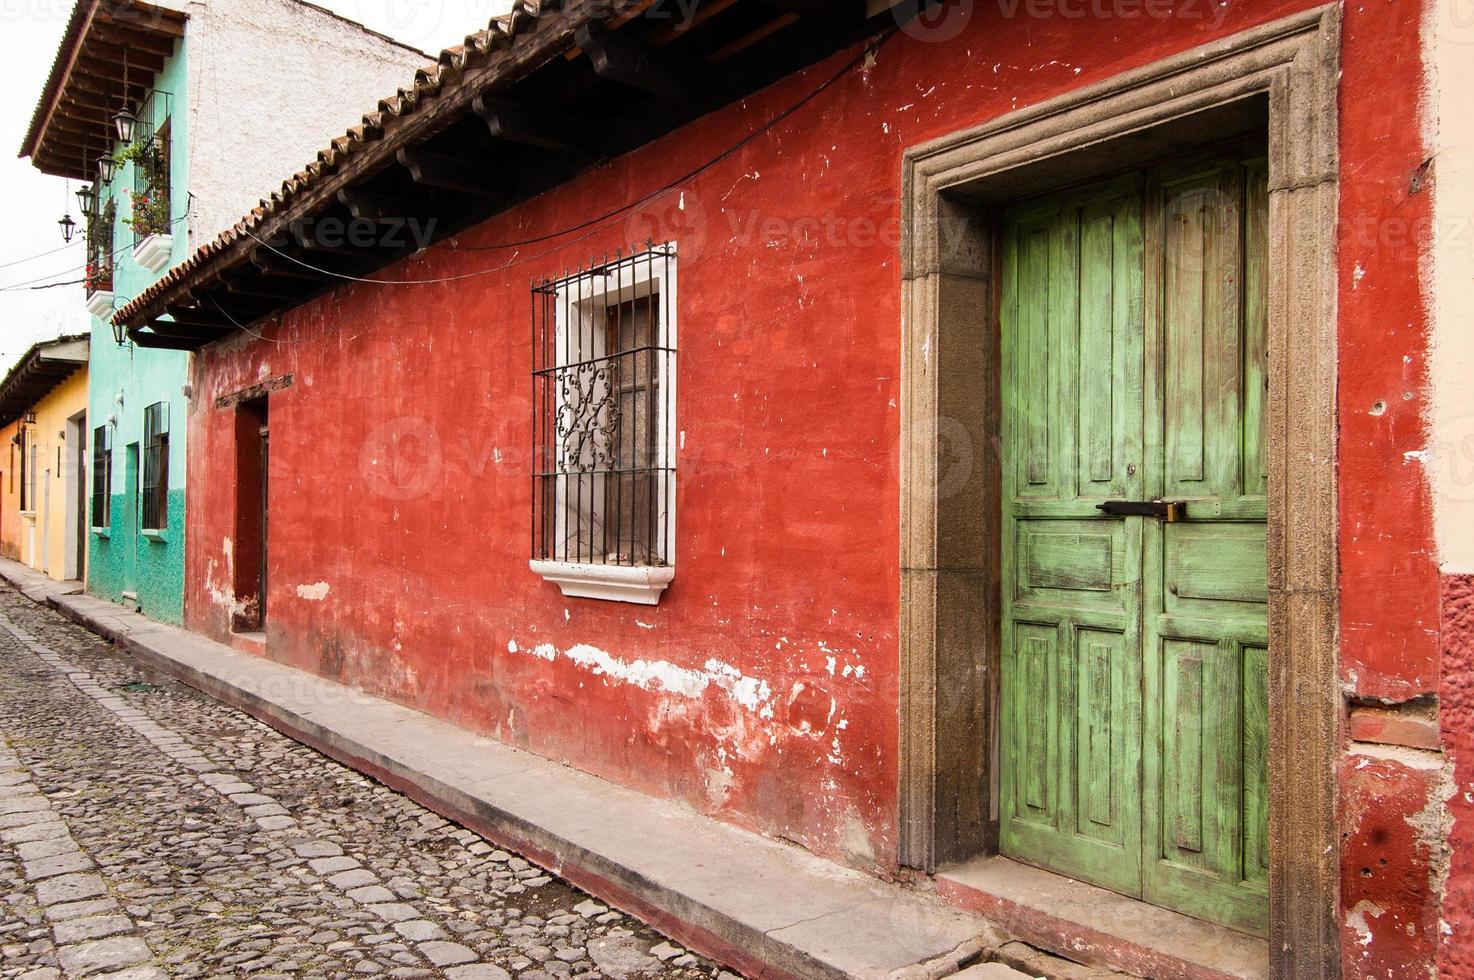 casas pintadas coloridas na cidade colonial foto